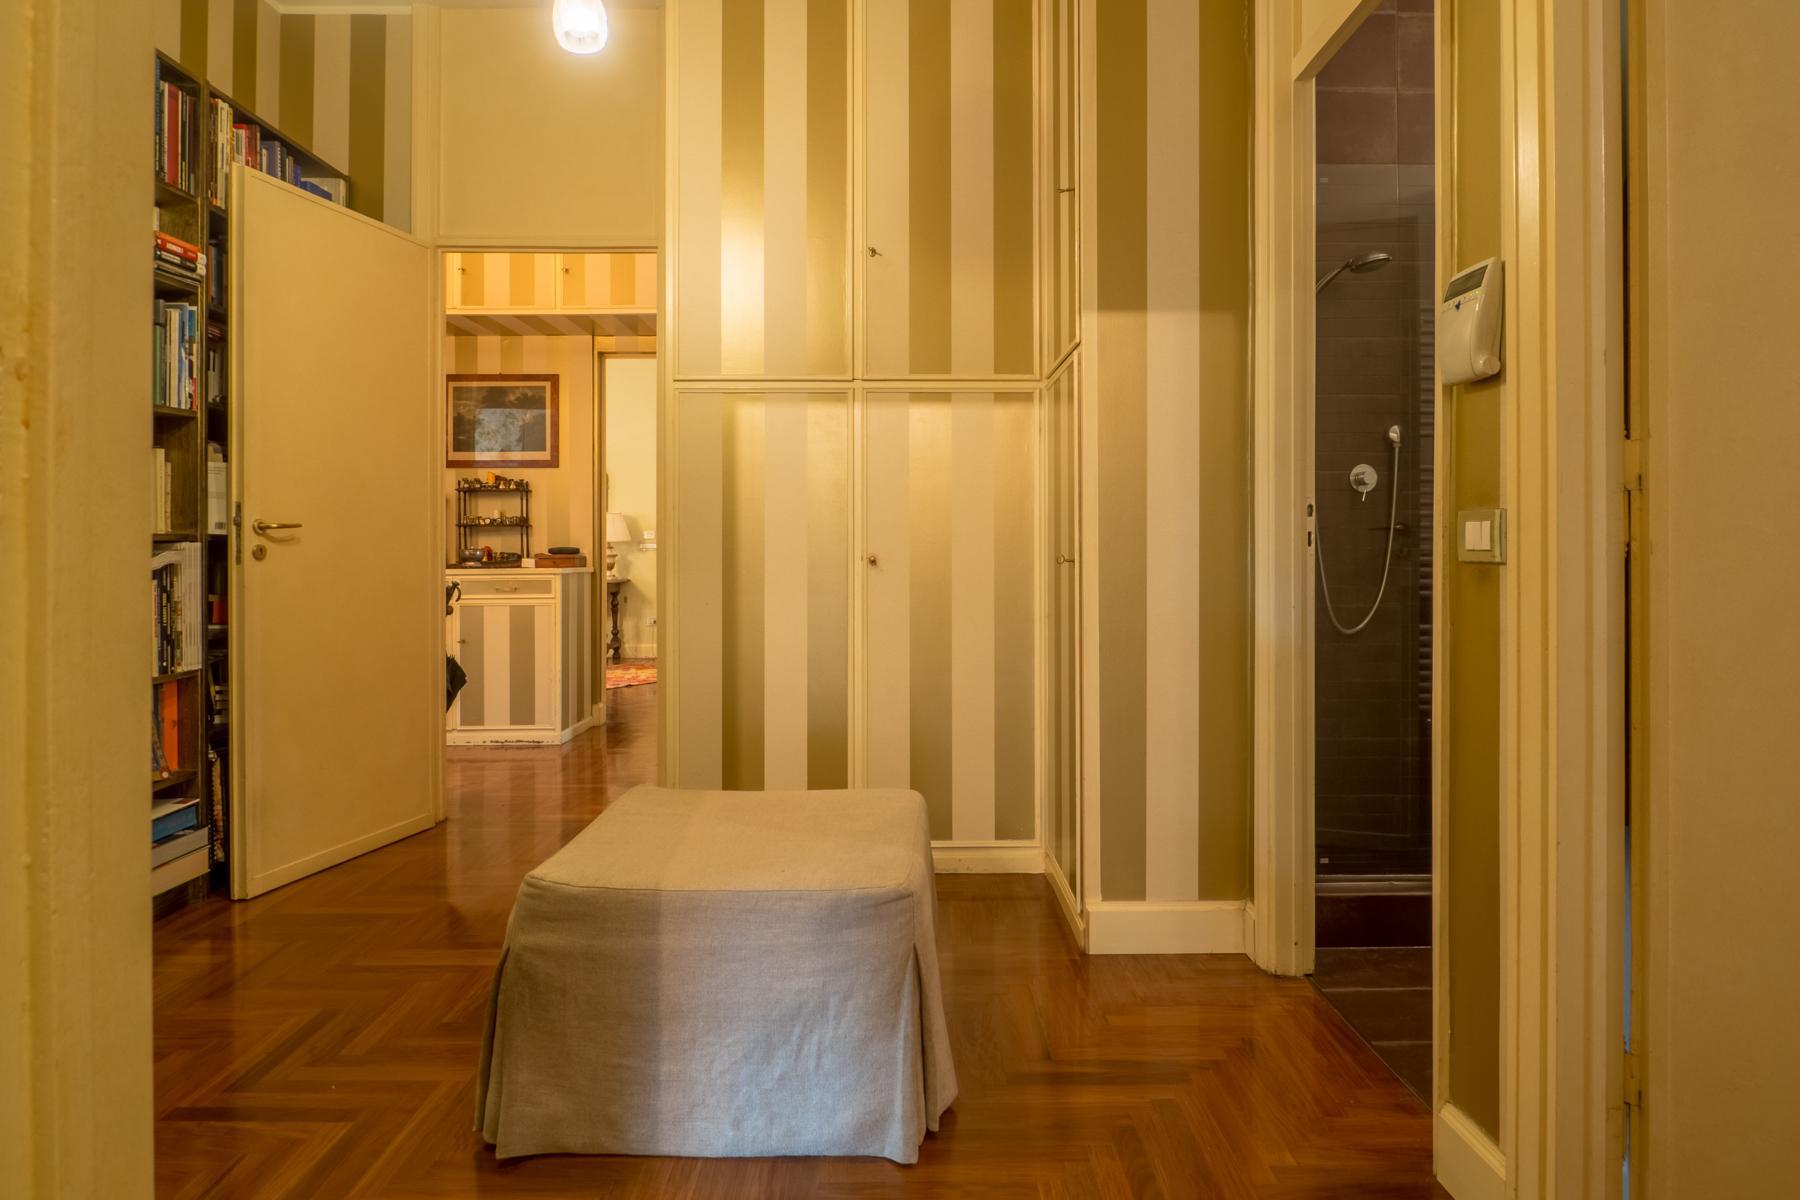 Elegante appartamento con terrazzo ai piedi della collina torinese - 16